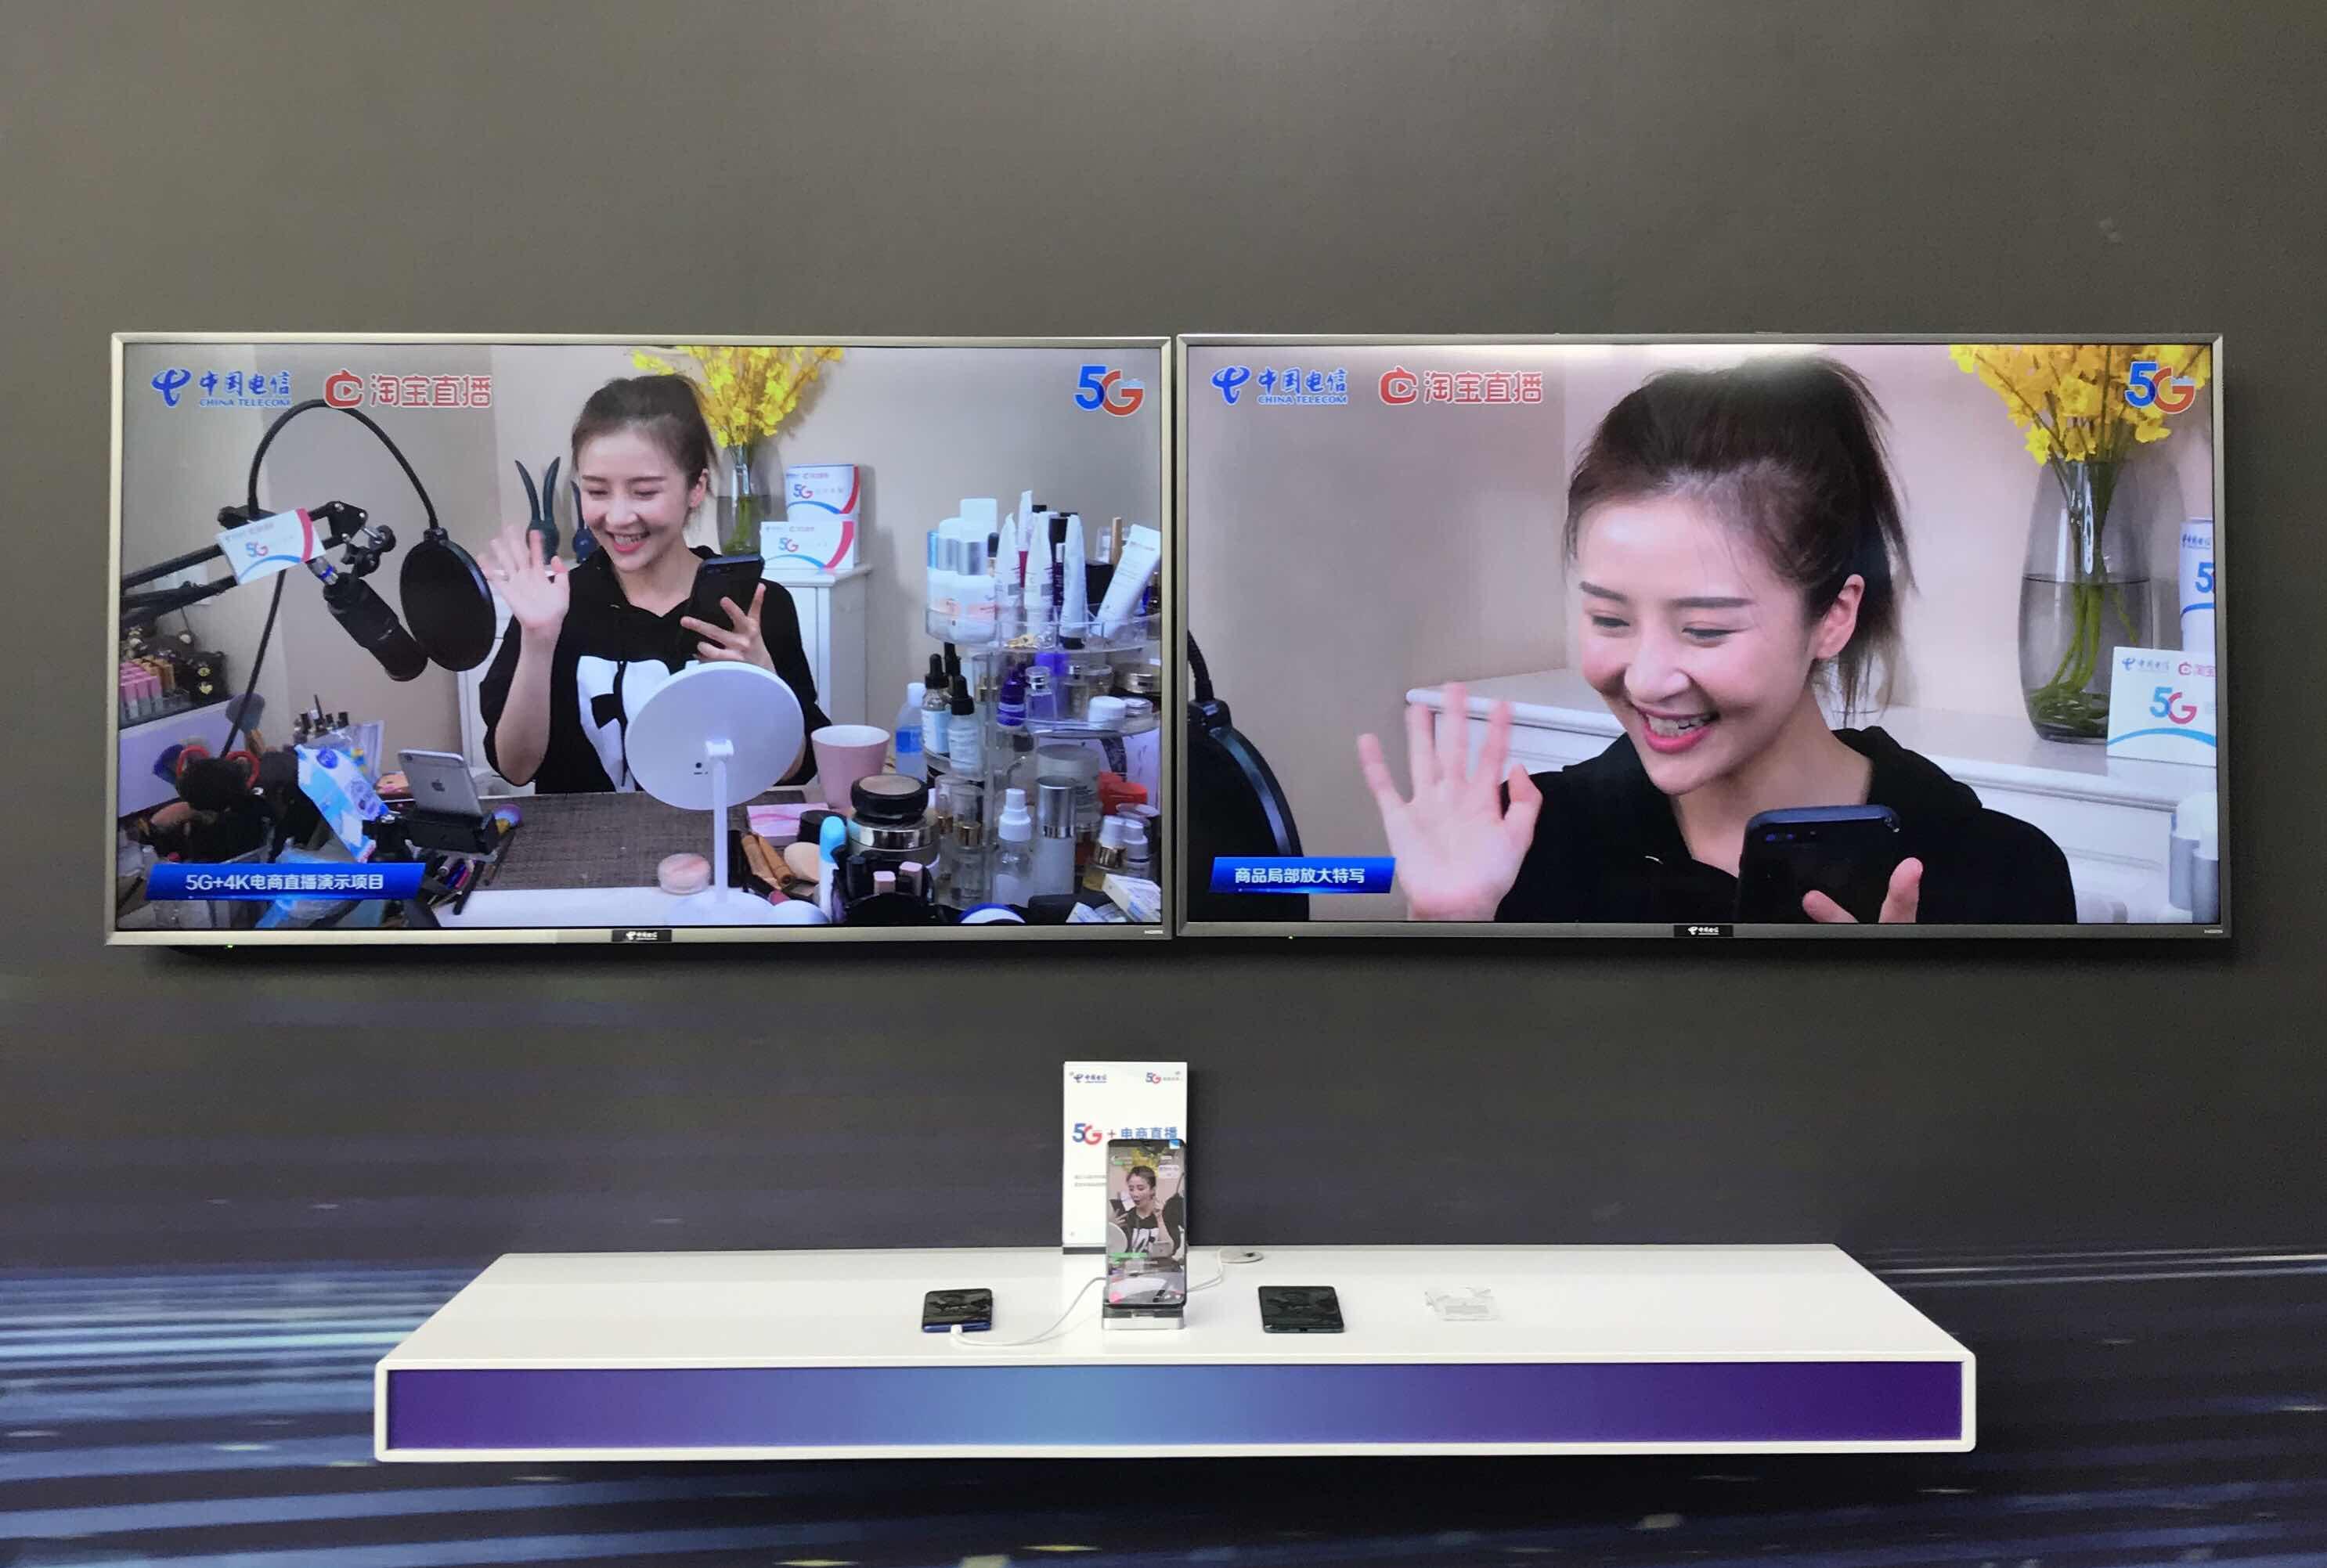 电商直播5G首秀在淘宝,未来在直播间能放大看主播和商品细节